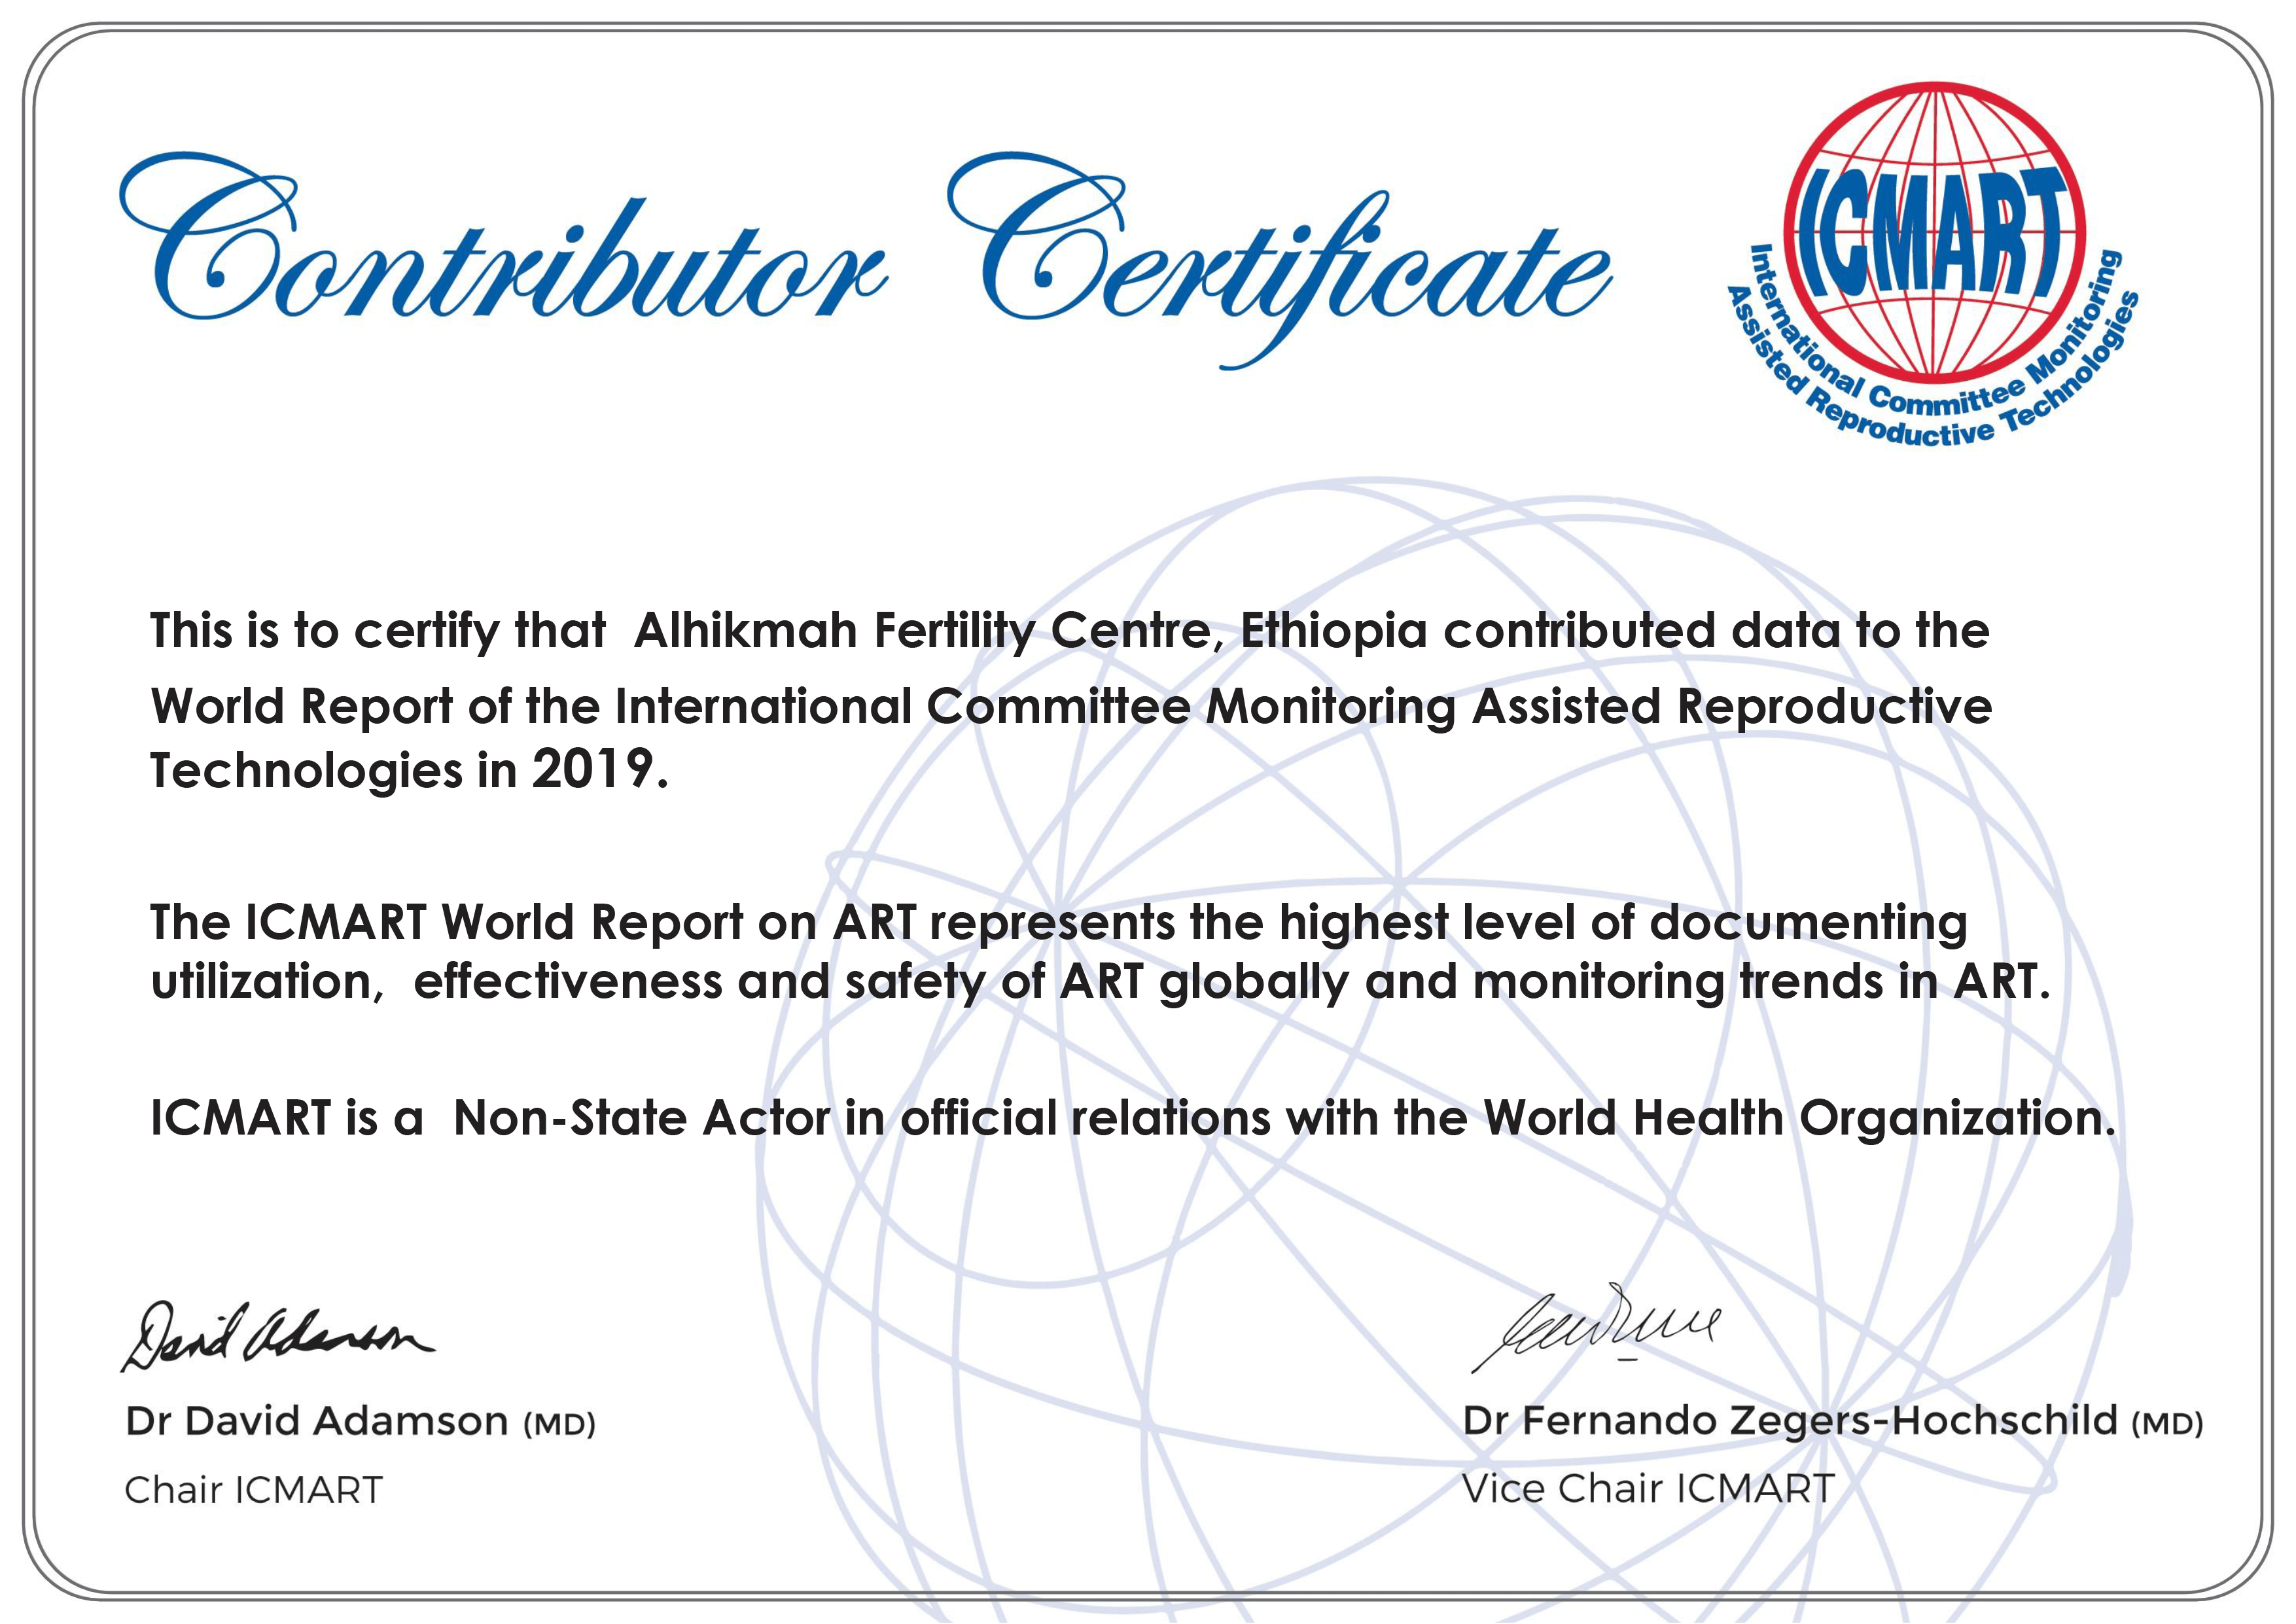 ICMART-Certificates-Alhikmah-Fertility-Centre-Ethiopia